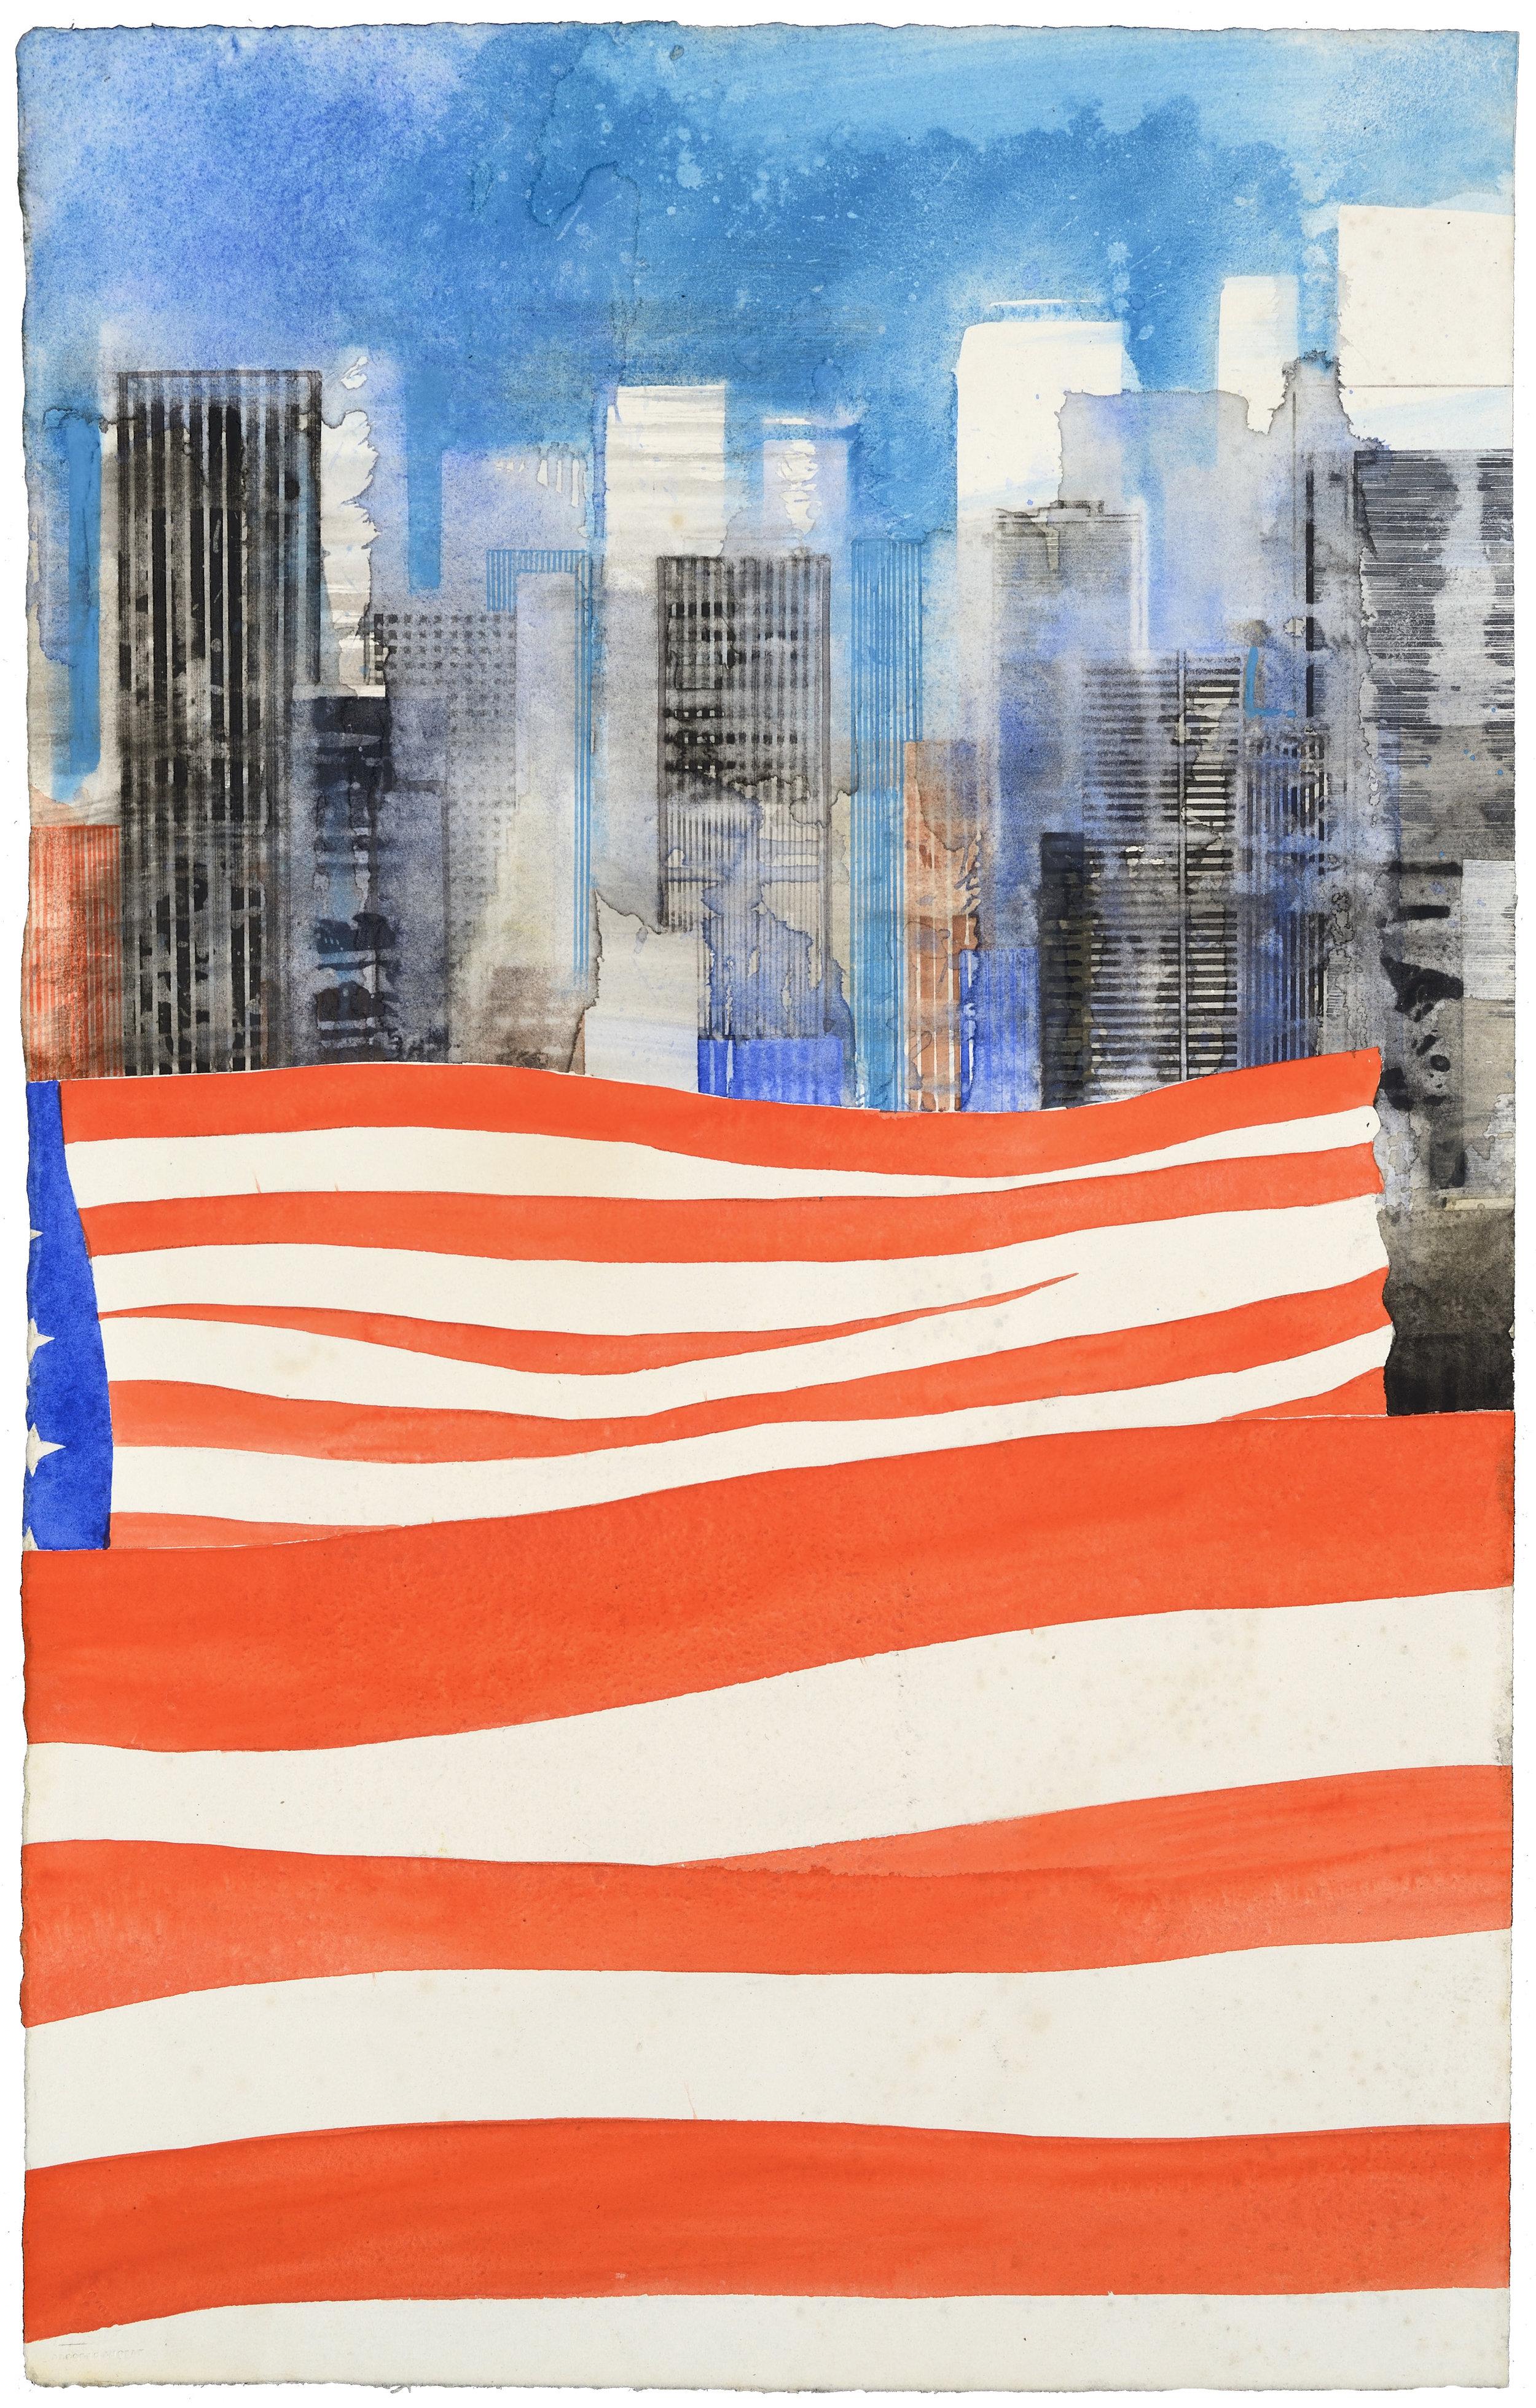 US Flag V, watercolor, 51 x 31 cm, 20 x 12 in, 2015